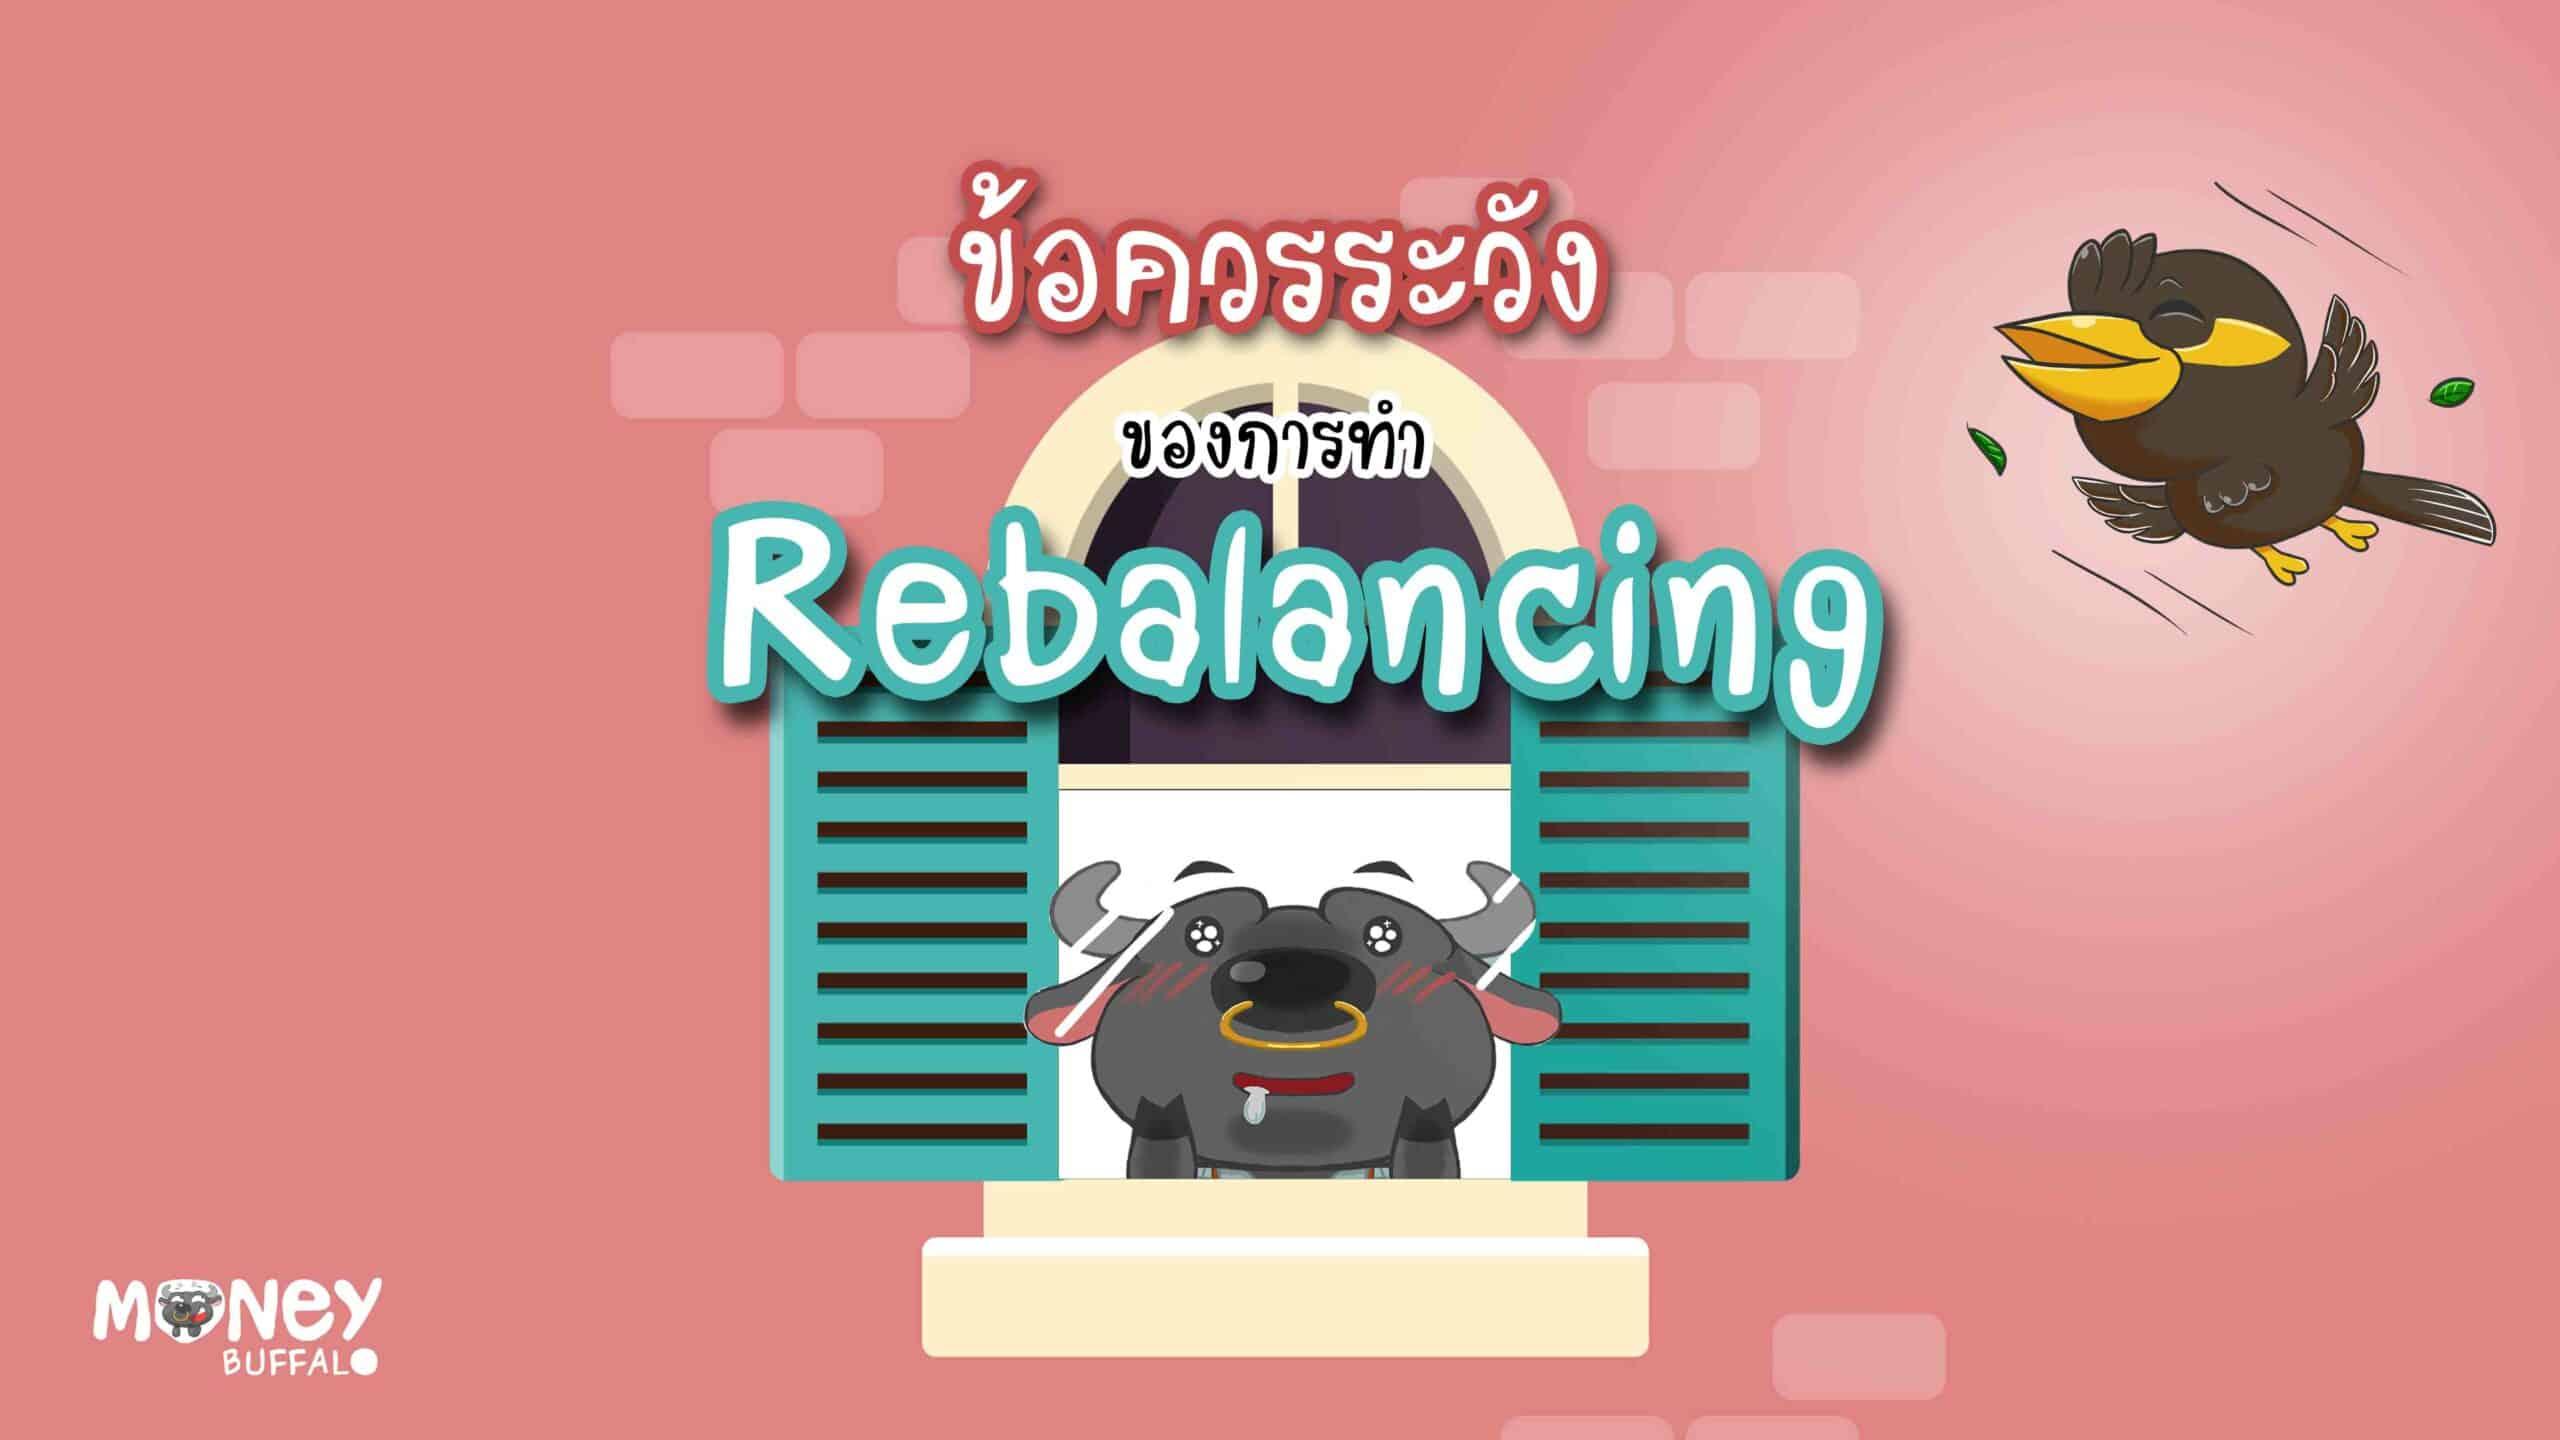 สิ่งที่ต้องระวังของ Rebalancing